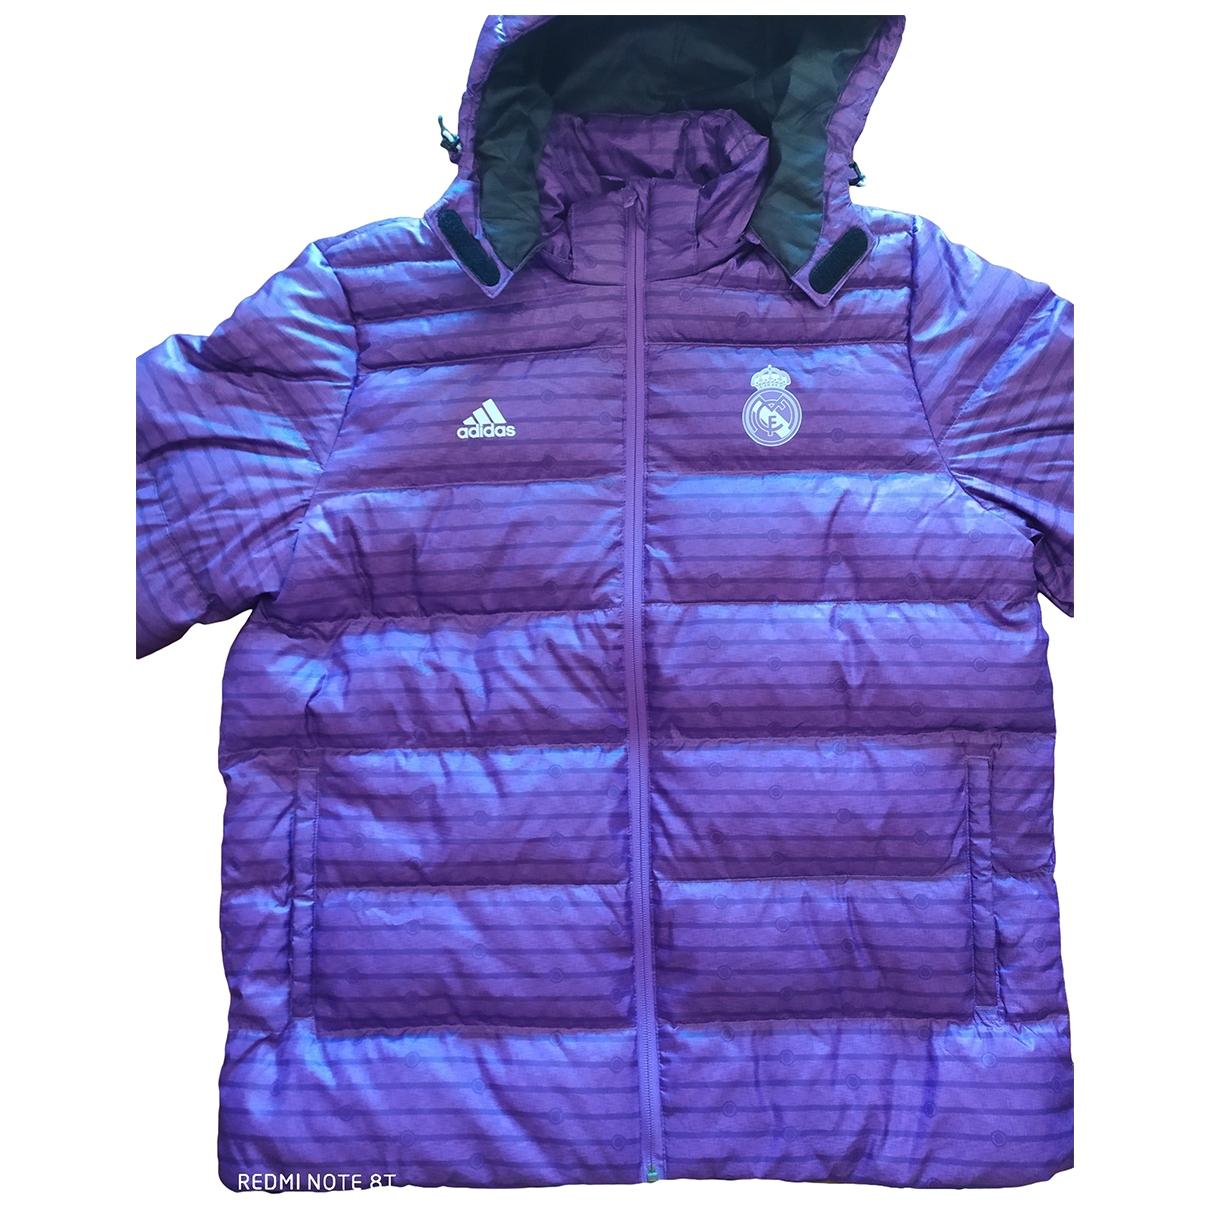 Adidas - Manteau   pour homme - violet